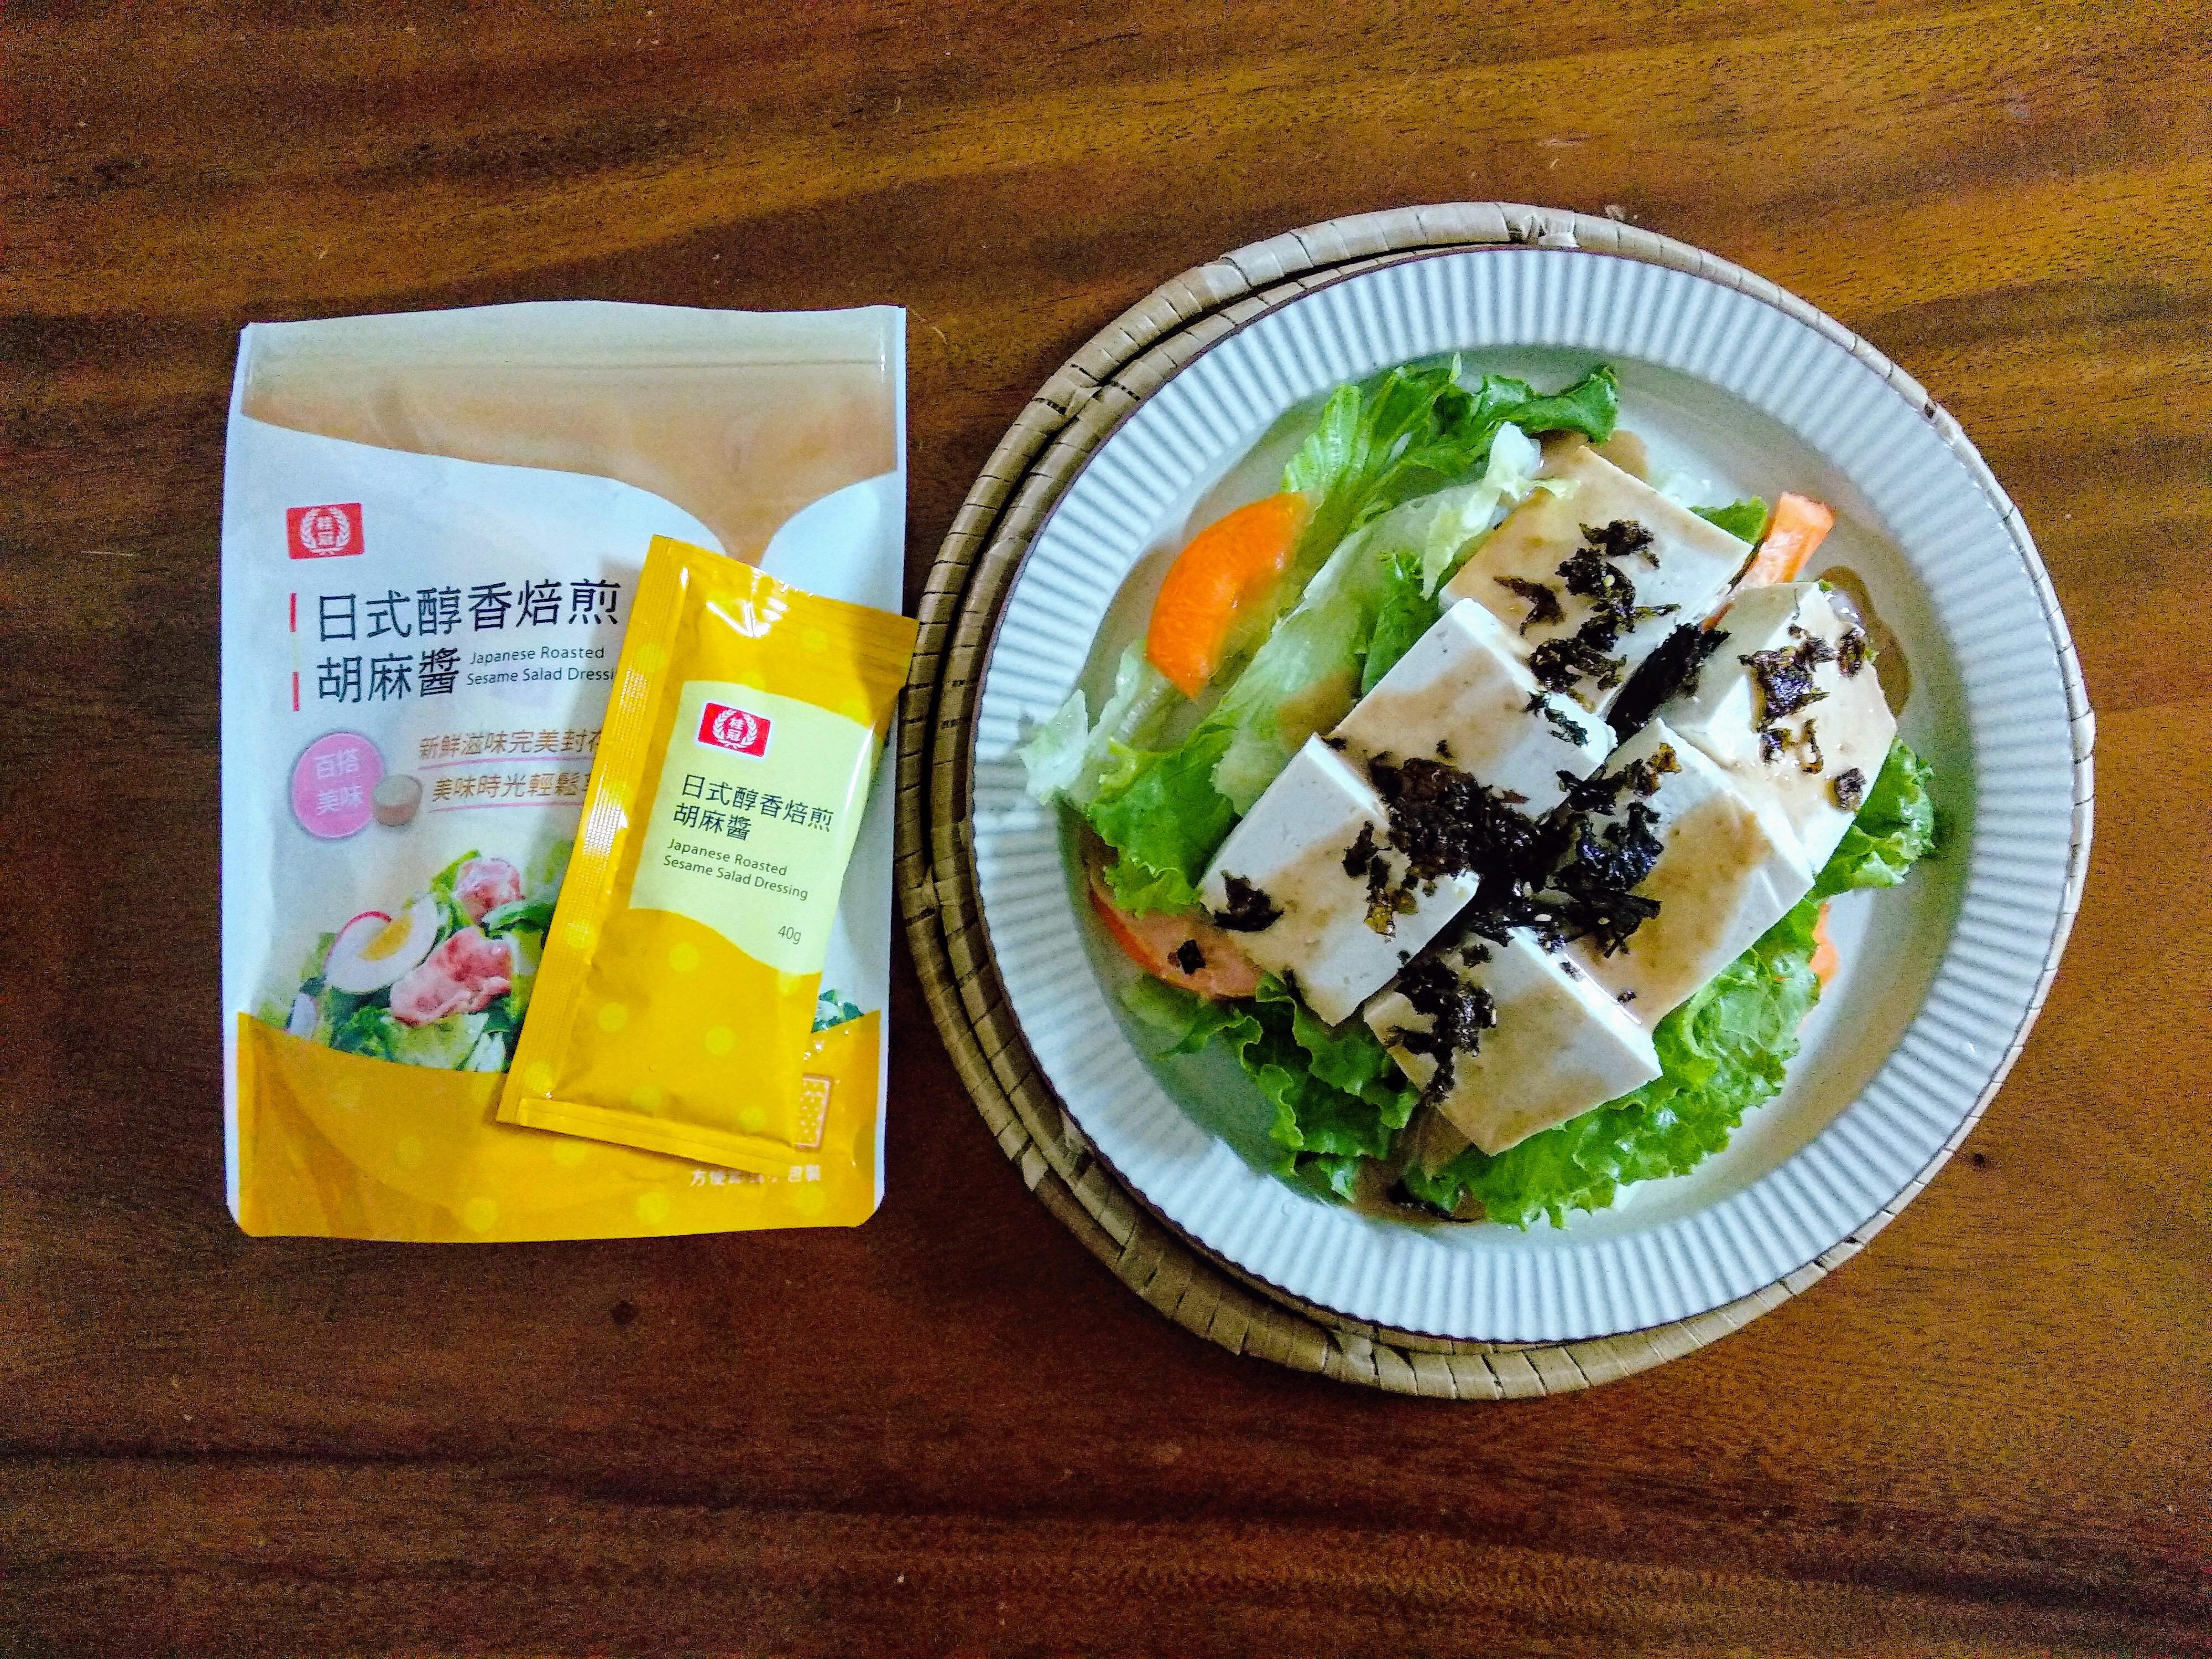 桂冠風味沙拉醬~愉悅開箱中的第 2 張圖片